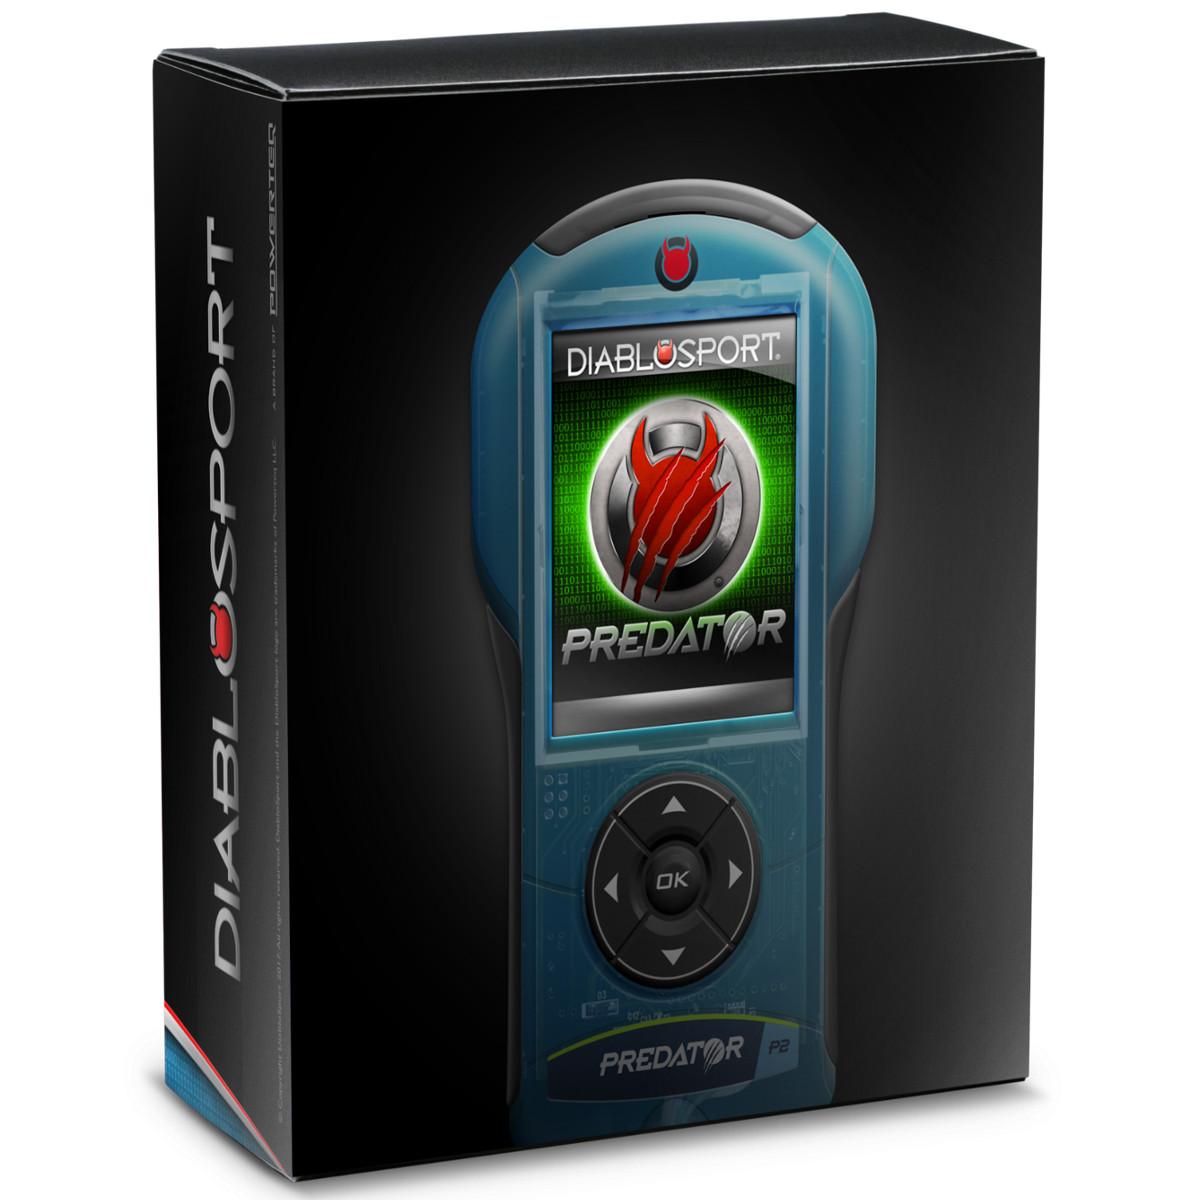 Diablosport predator 2 performance tuner fits 2011 17 ford f 150 5 0l